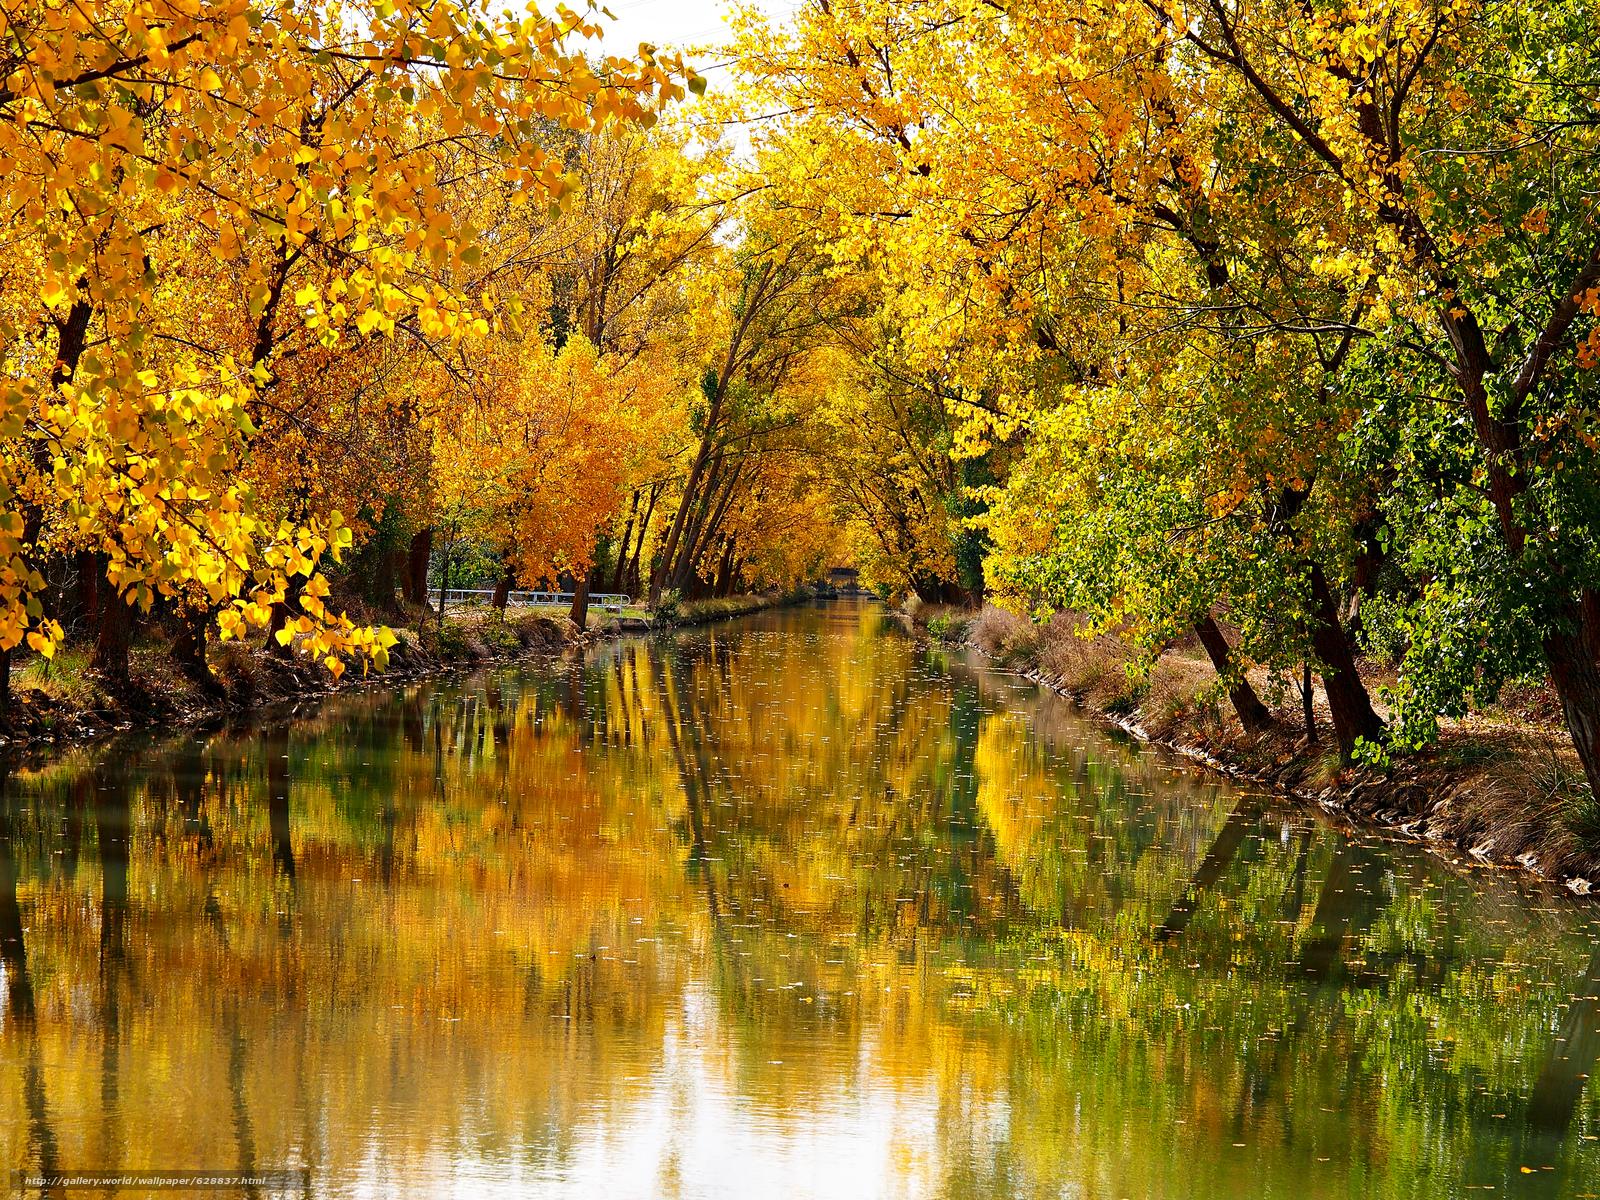 осень, канал, деревья, пейзаж